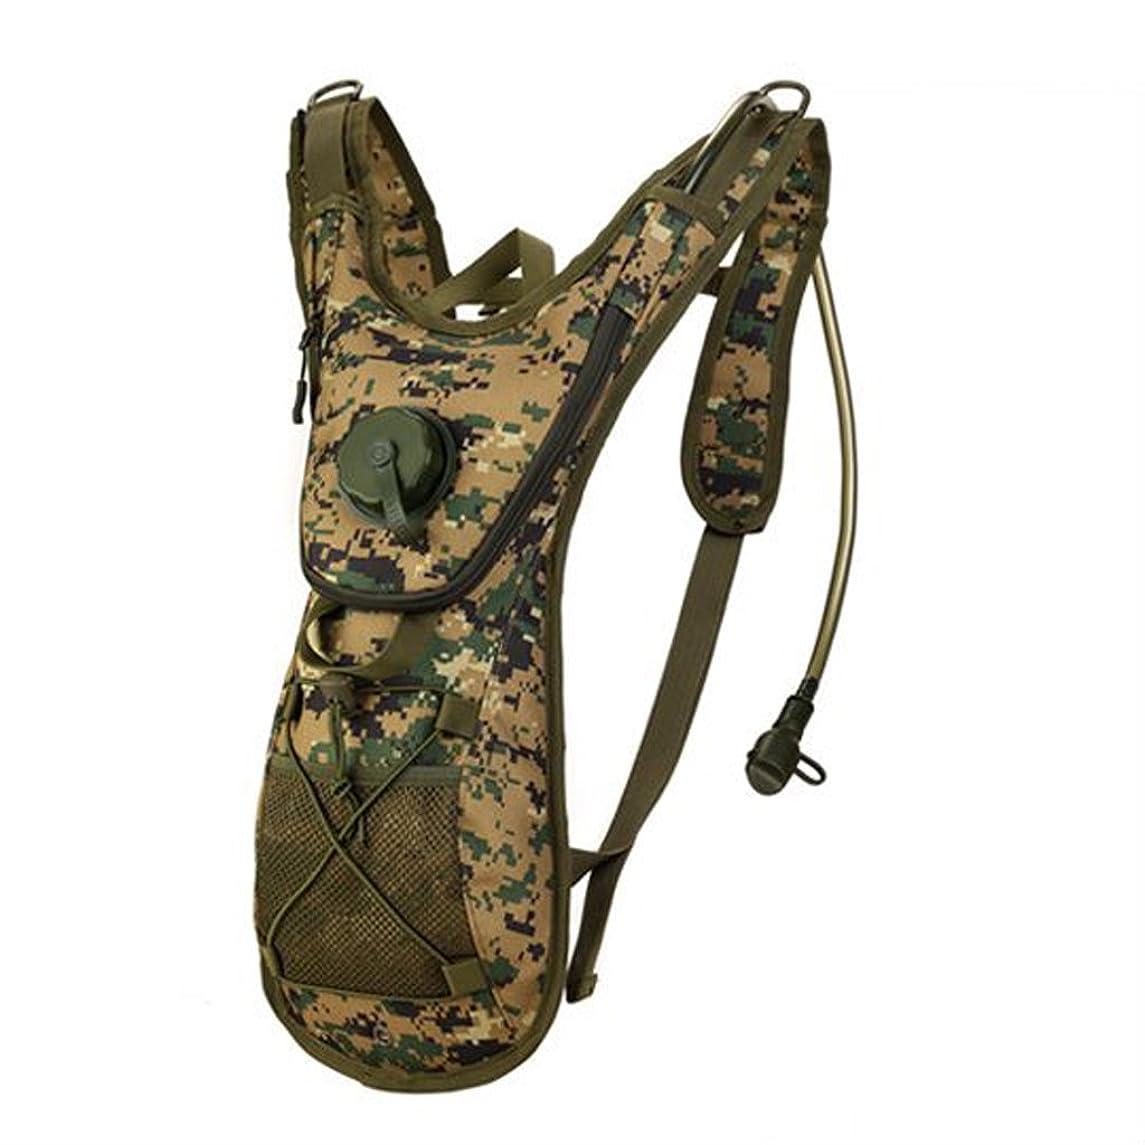 キャンペーン罰するイヤホン2.5リットル ハイドレーション パック 水バッグ ポーチ リュックサック 膀胱 ハイキング サイクリング 5色 - ジャングル迷彩